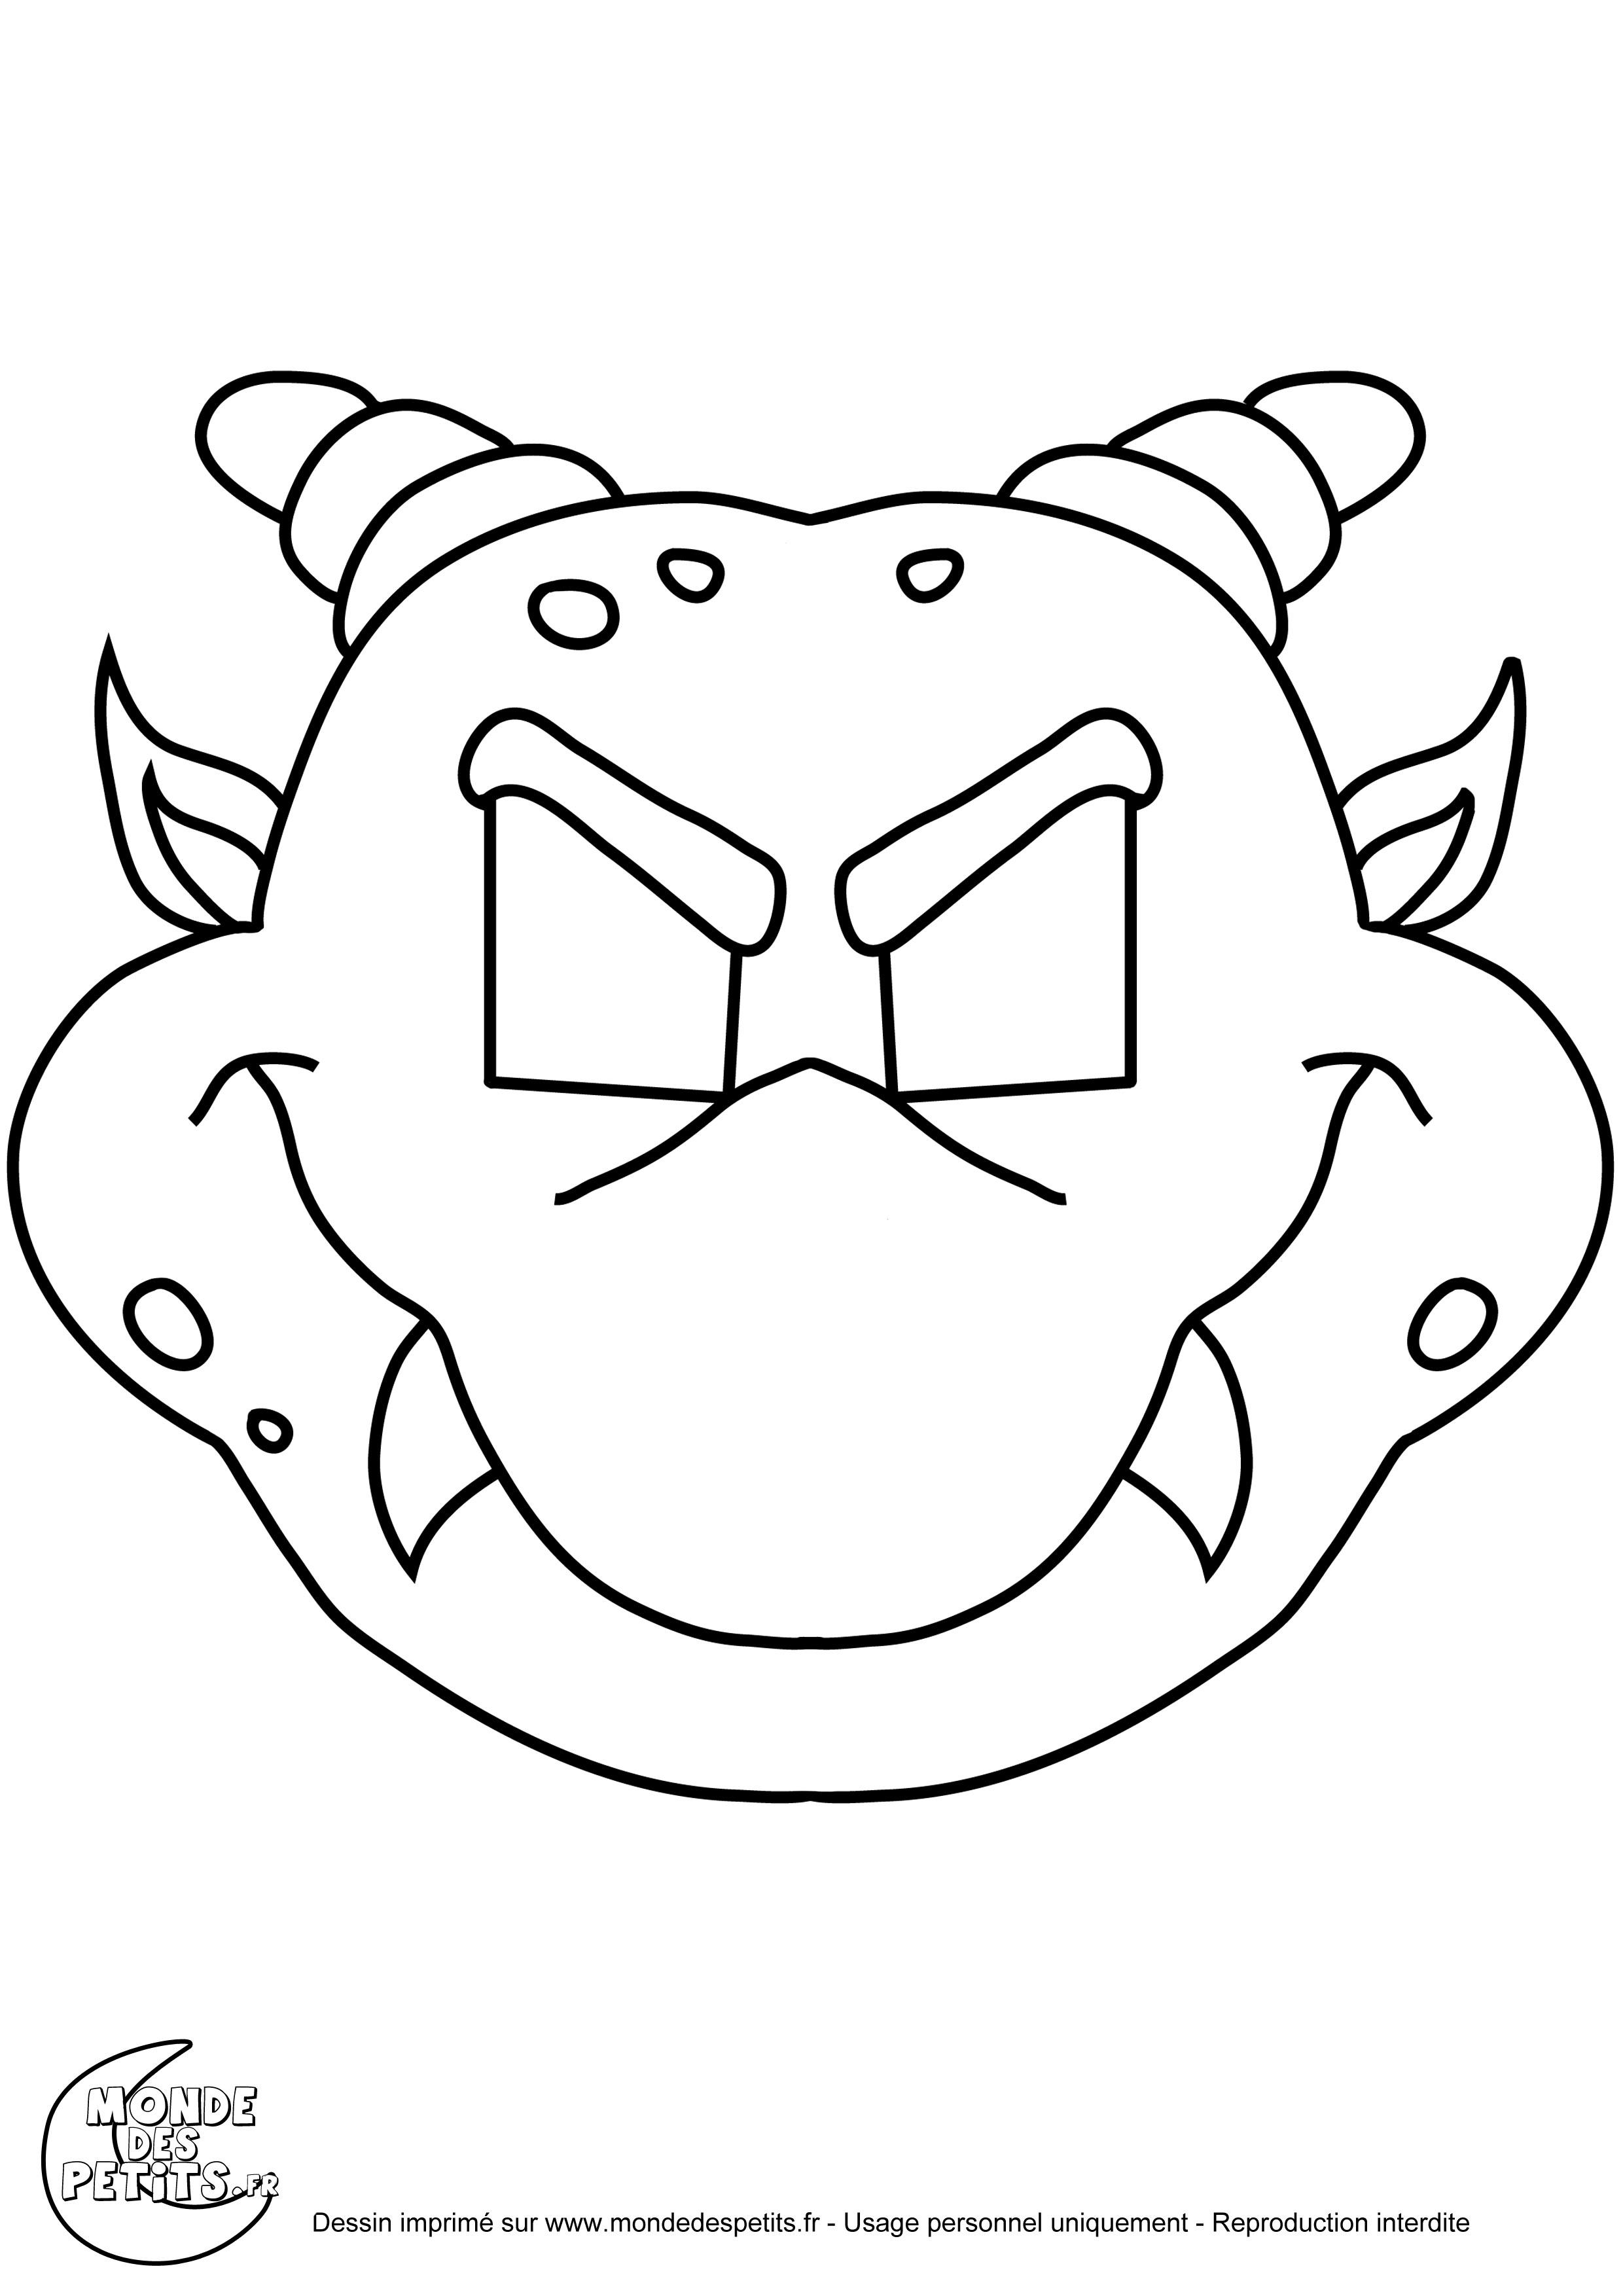 Coloriage de monstres  imprimer pour les enfants